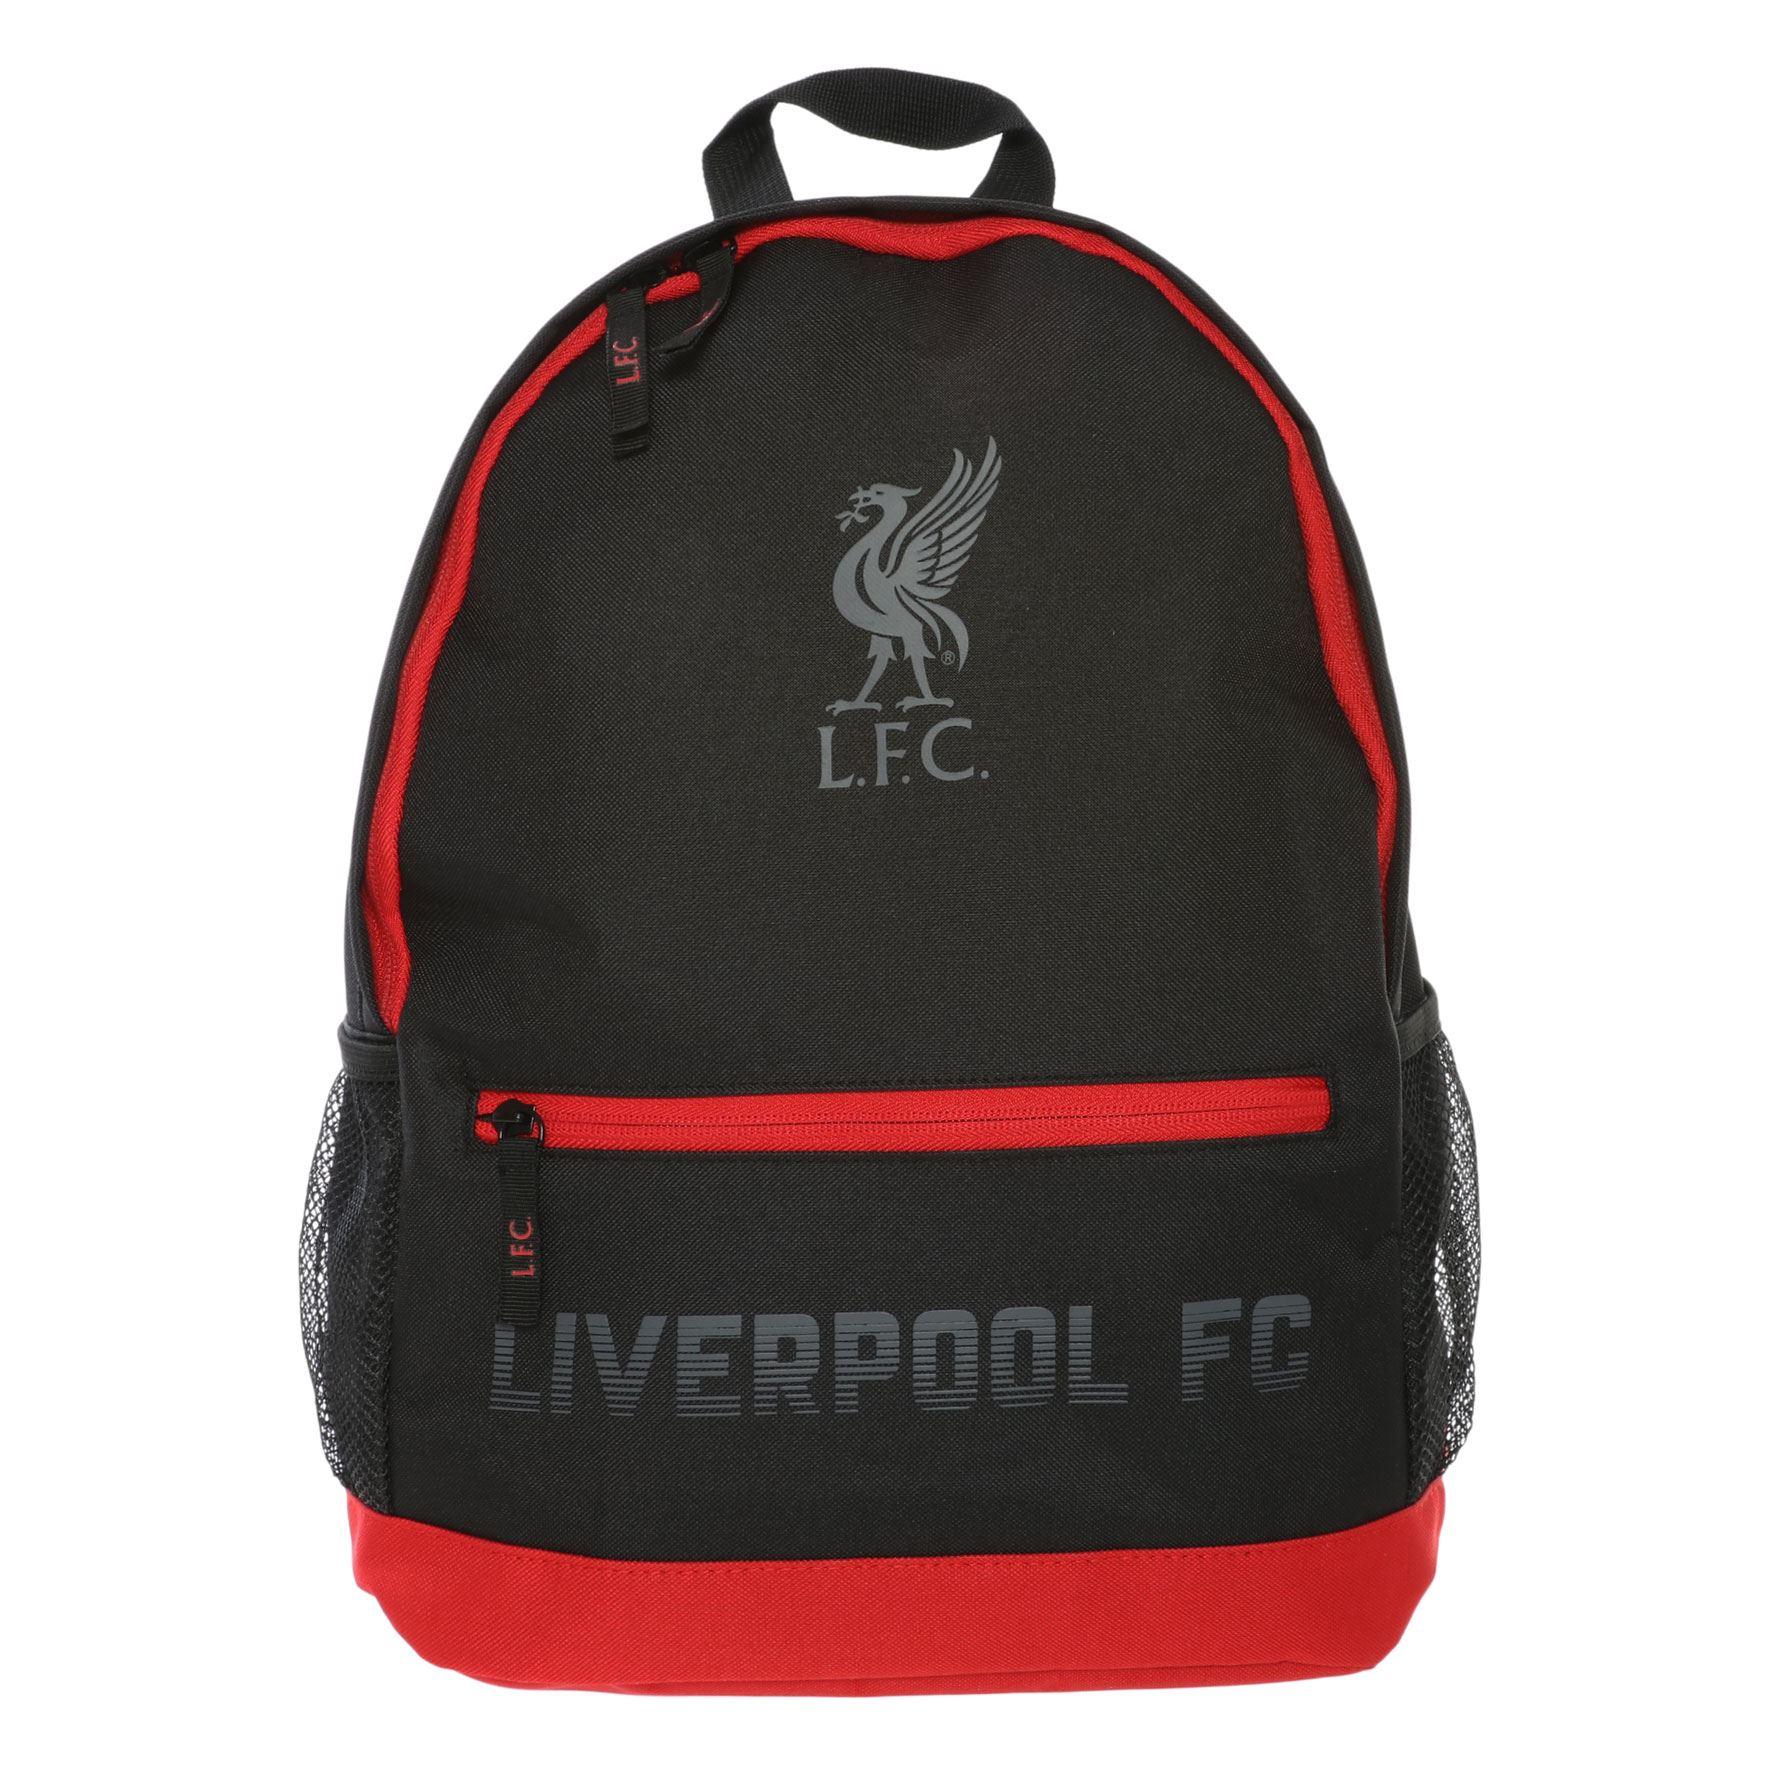 Backpacks en Ella | Liverpool.